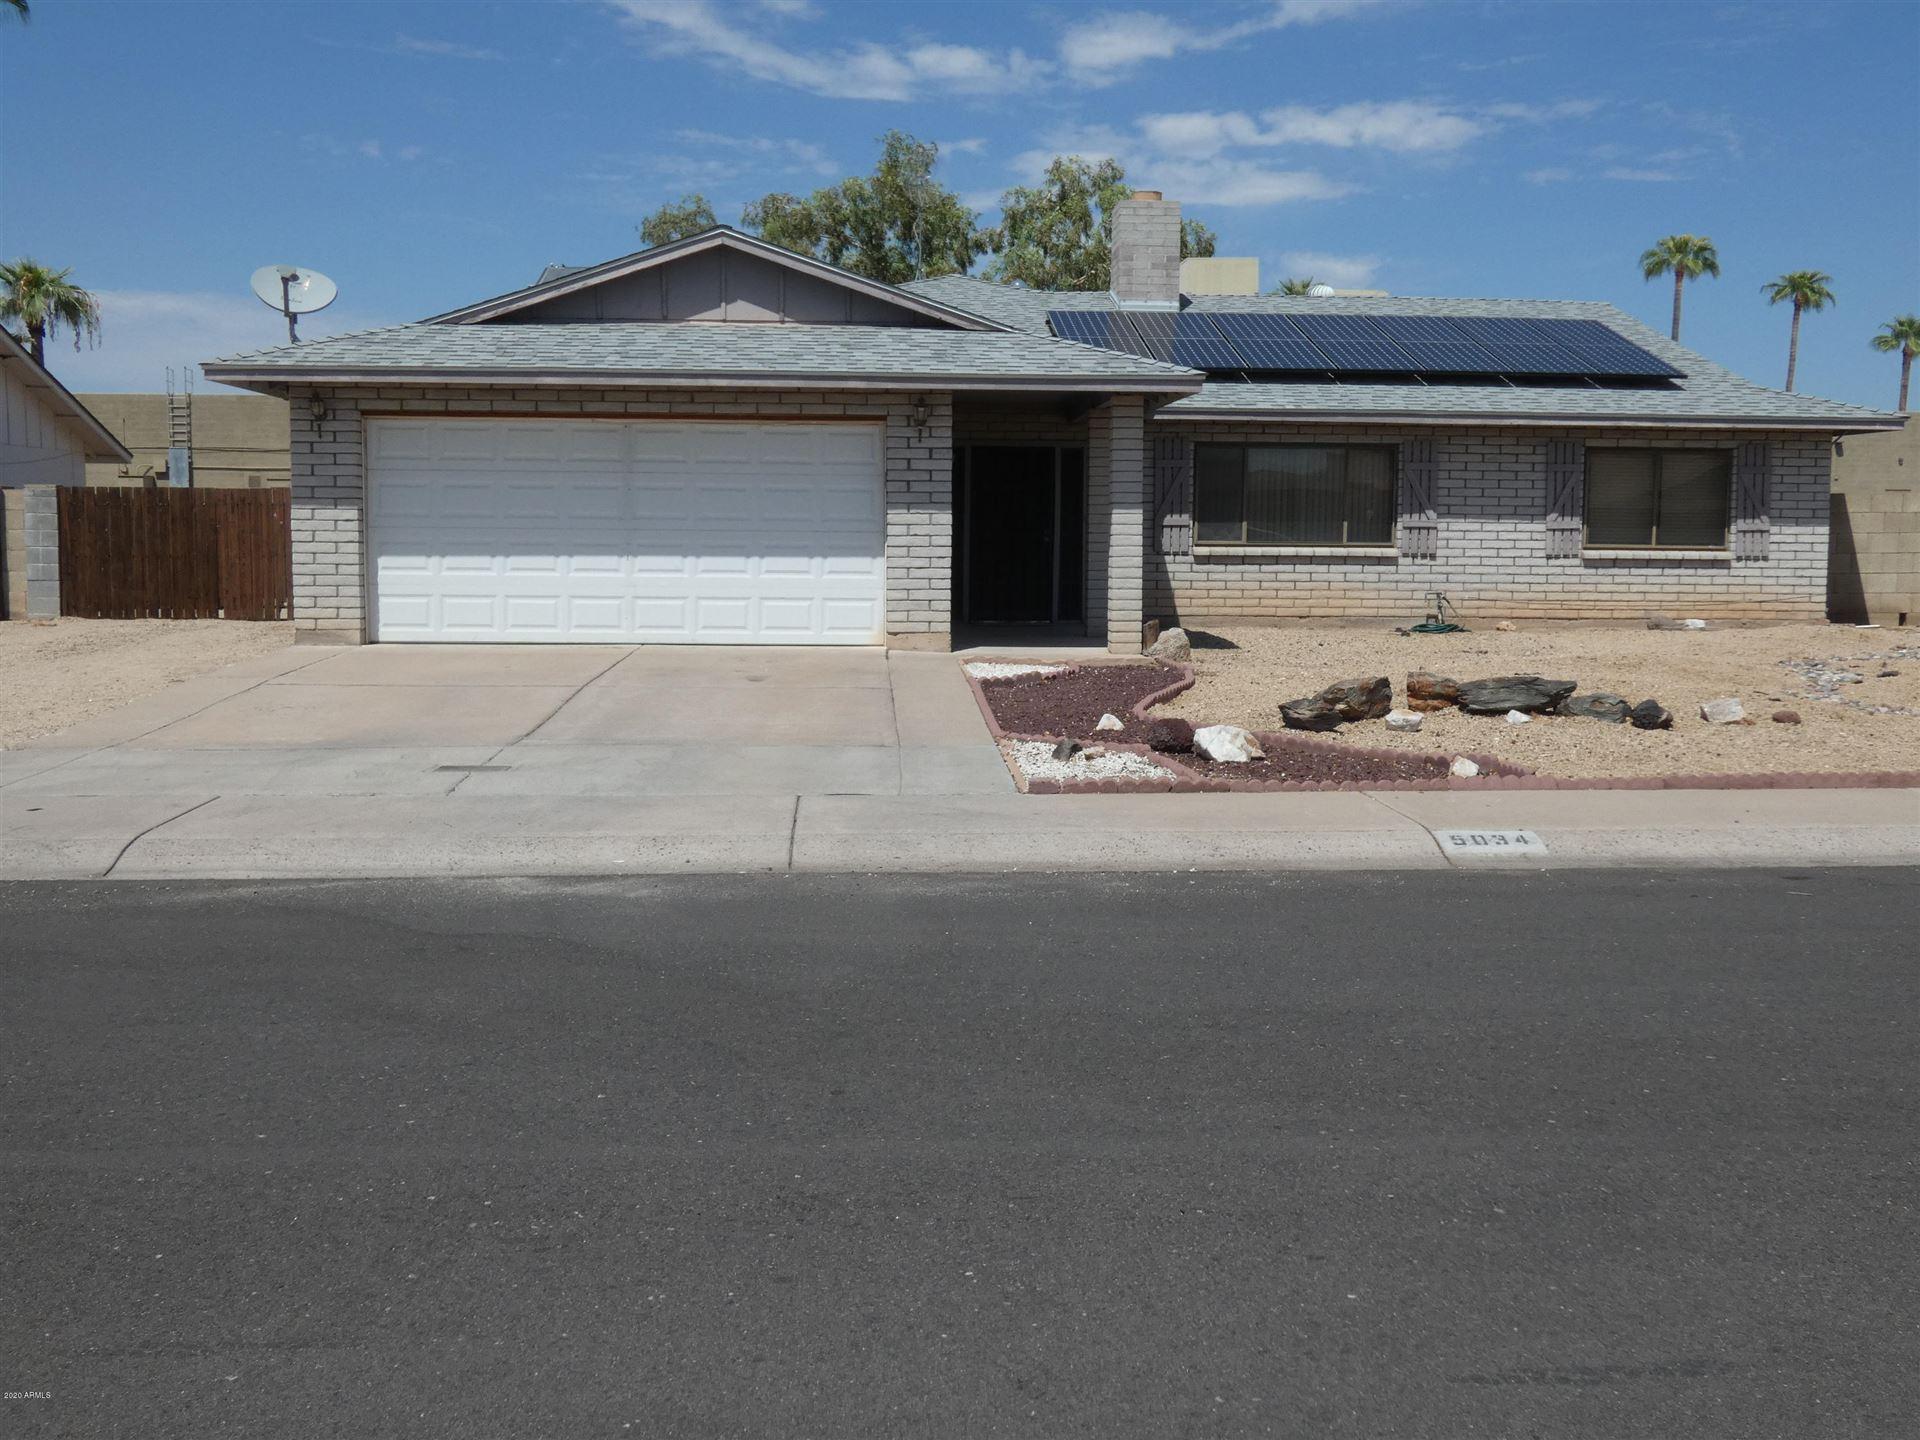 5034 W PHELPS Road, Glendale, AZ 85306 - MLS#: 6128963